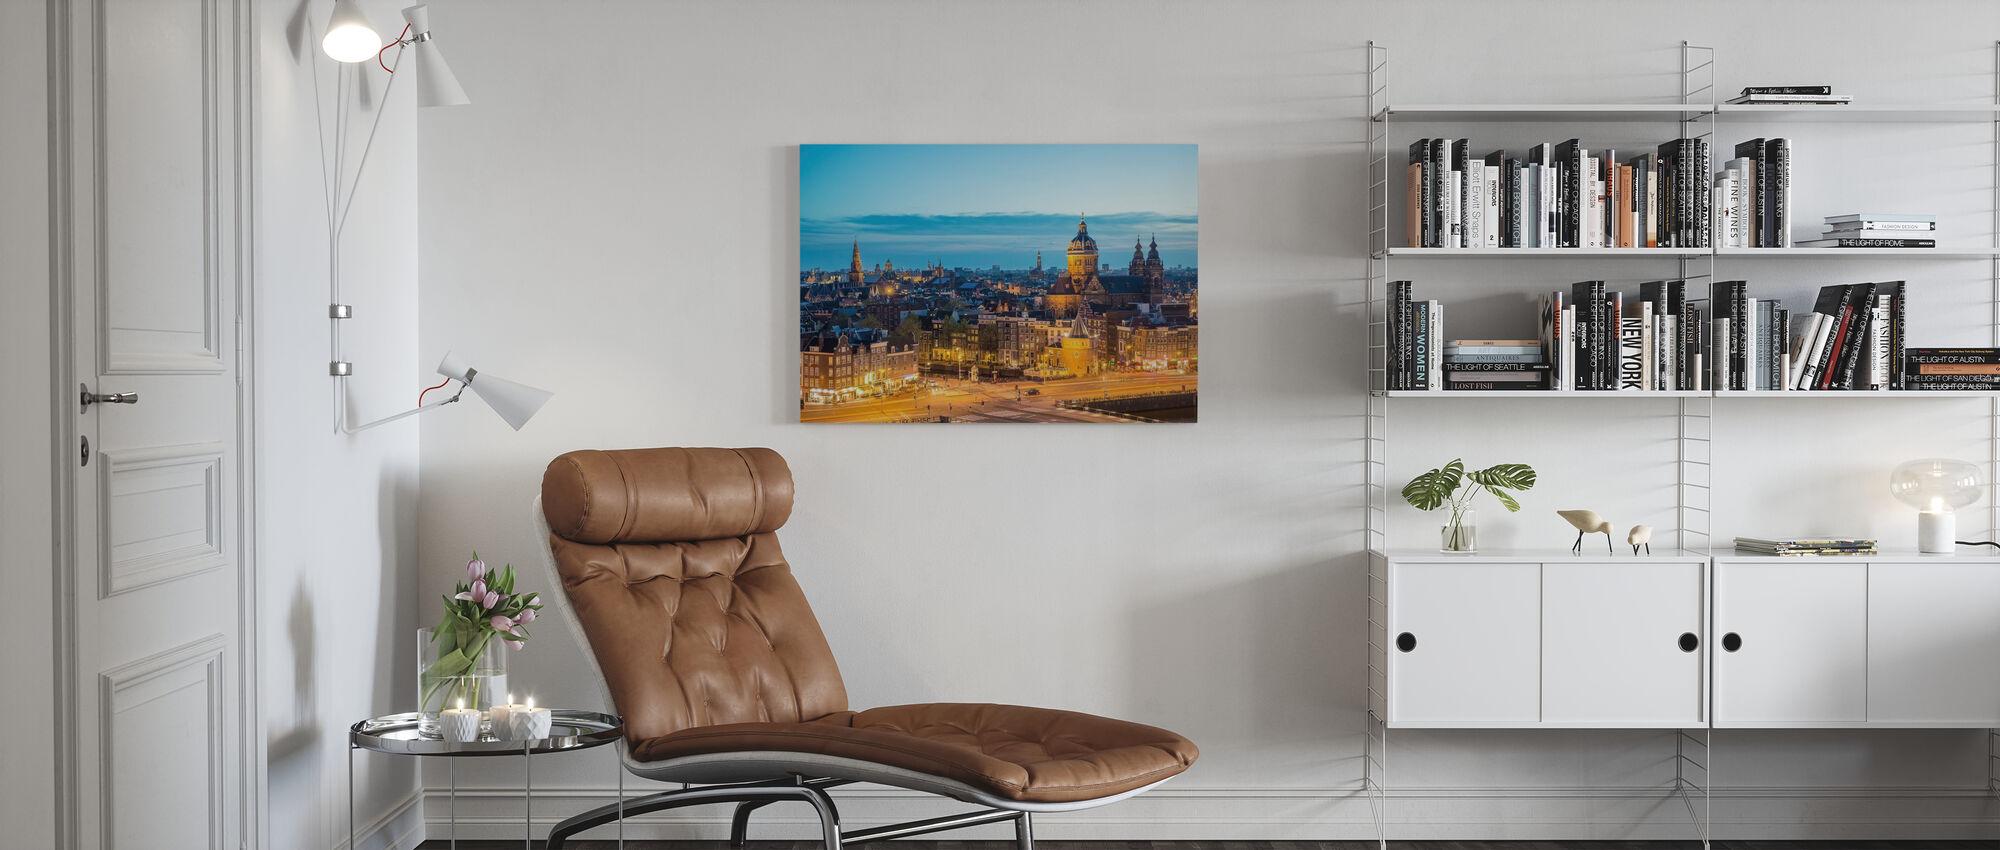 Amsterdam Skyline bei Nacht - Leinwandbild - Wohnzimmer